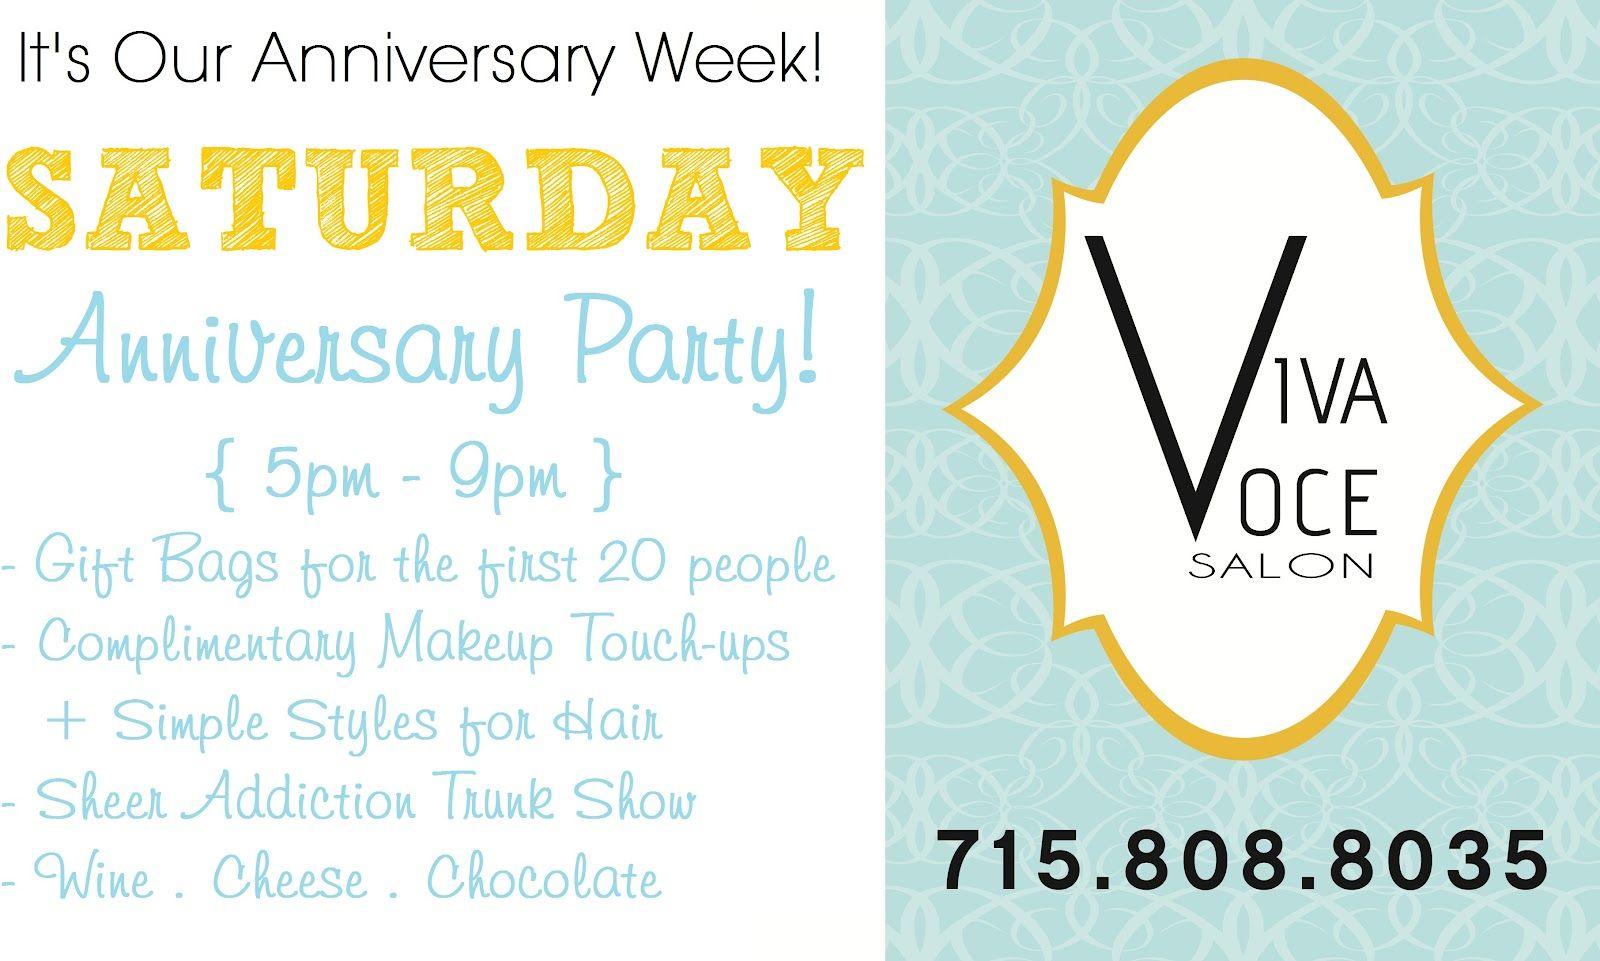 Anniversary PARTY ! Saturday June 17 17pm-17pm Viva Voce Salon